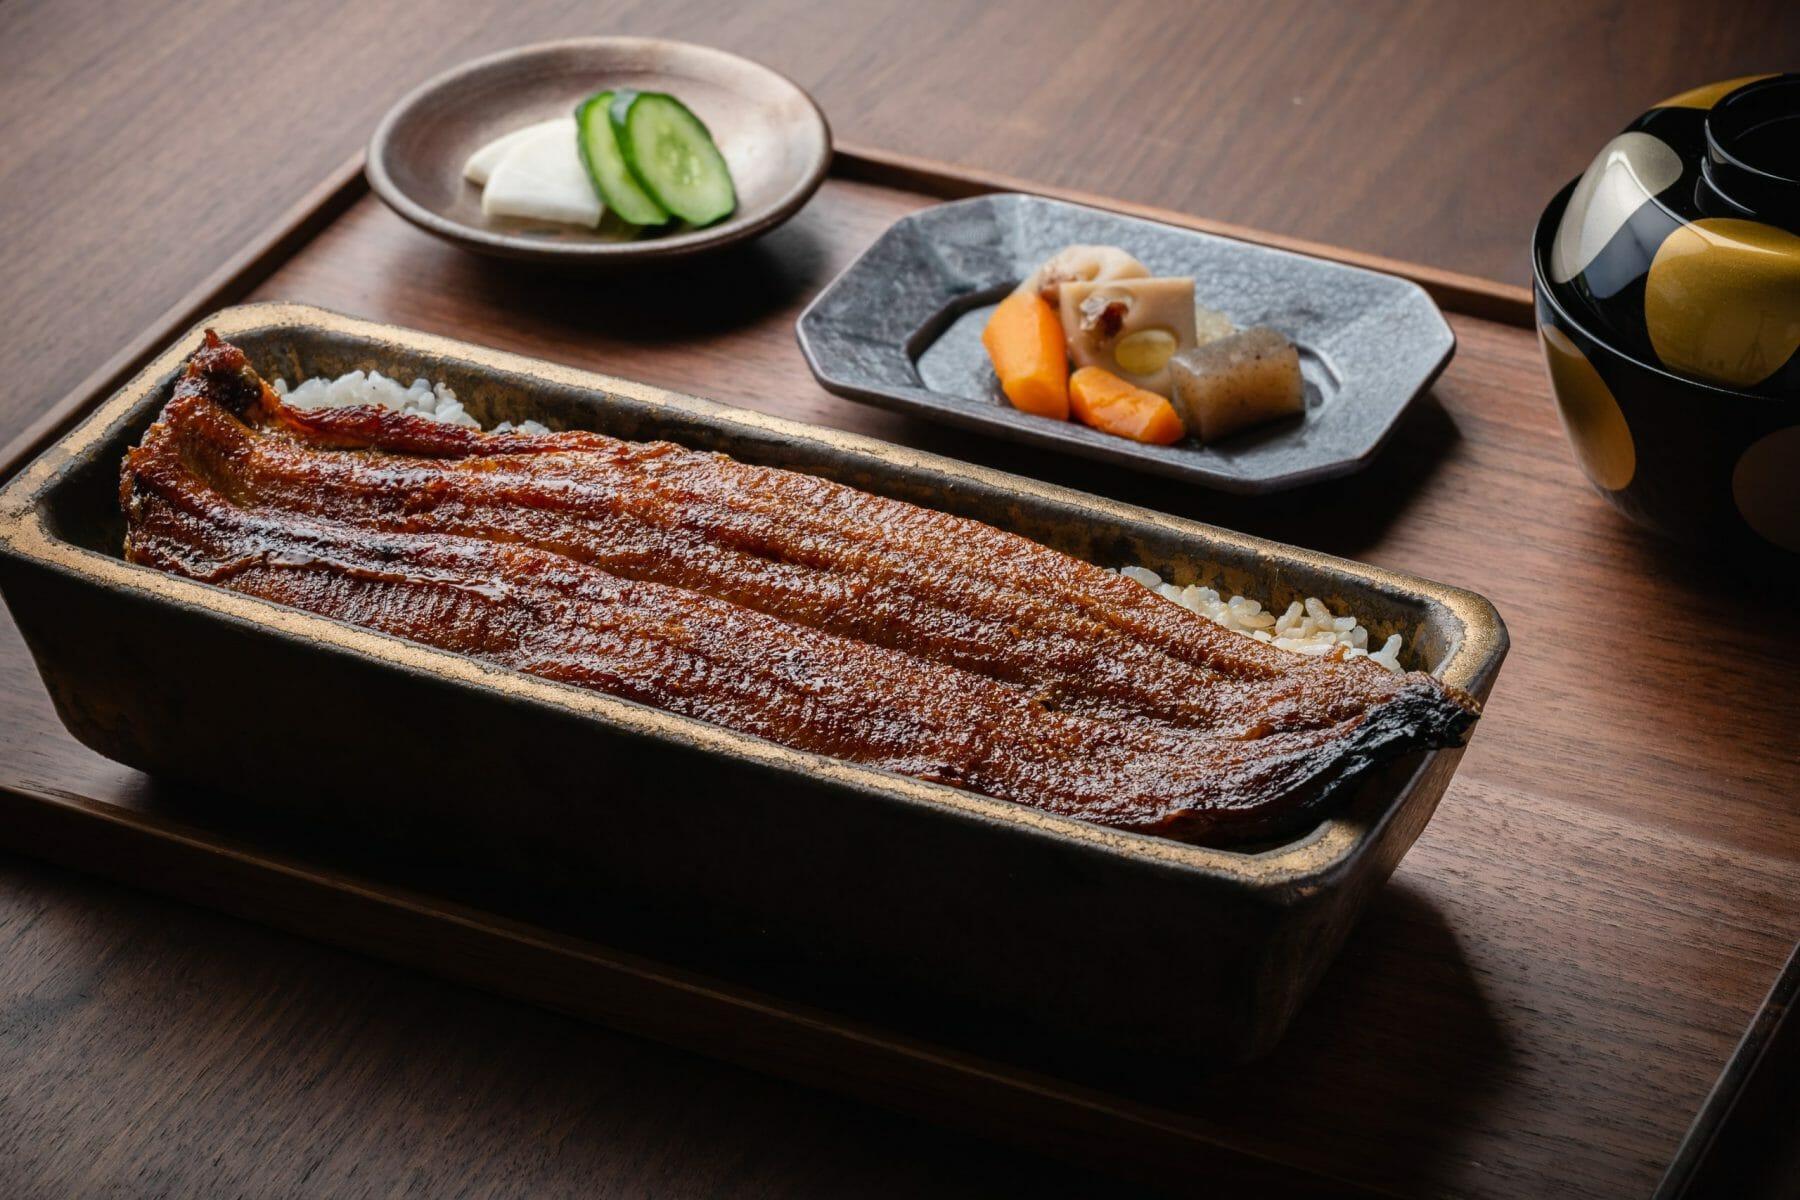 大きさも太さも極上の鰻を一本丸ごと蒲焼にした「うなぎ一本重」¥4,950